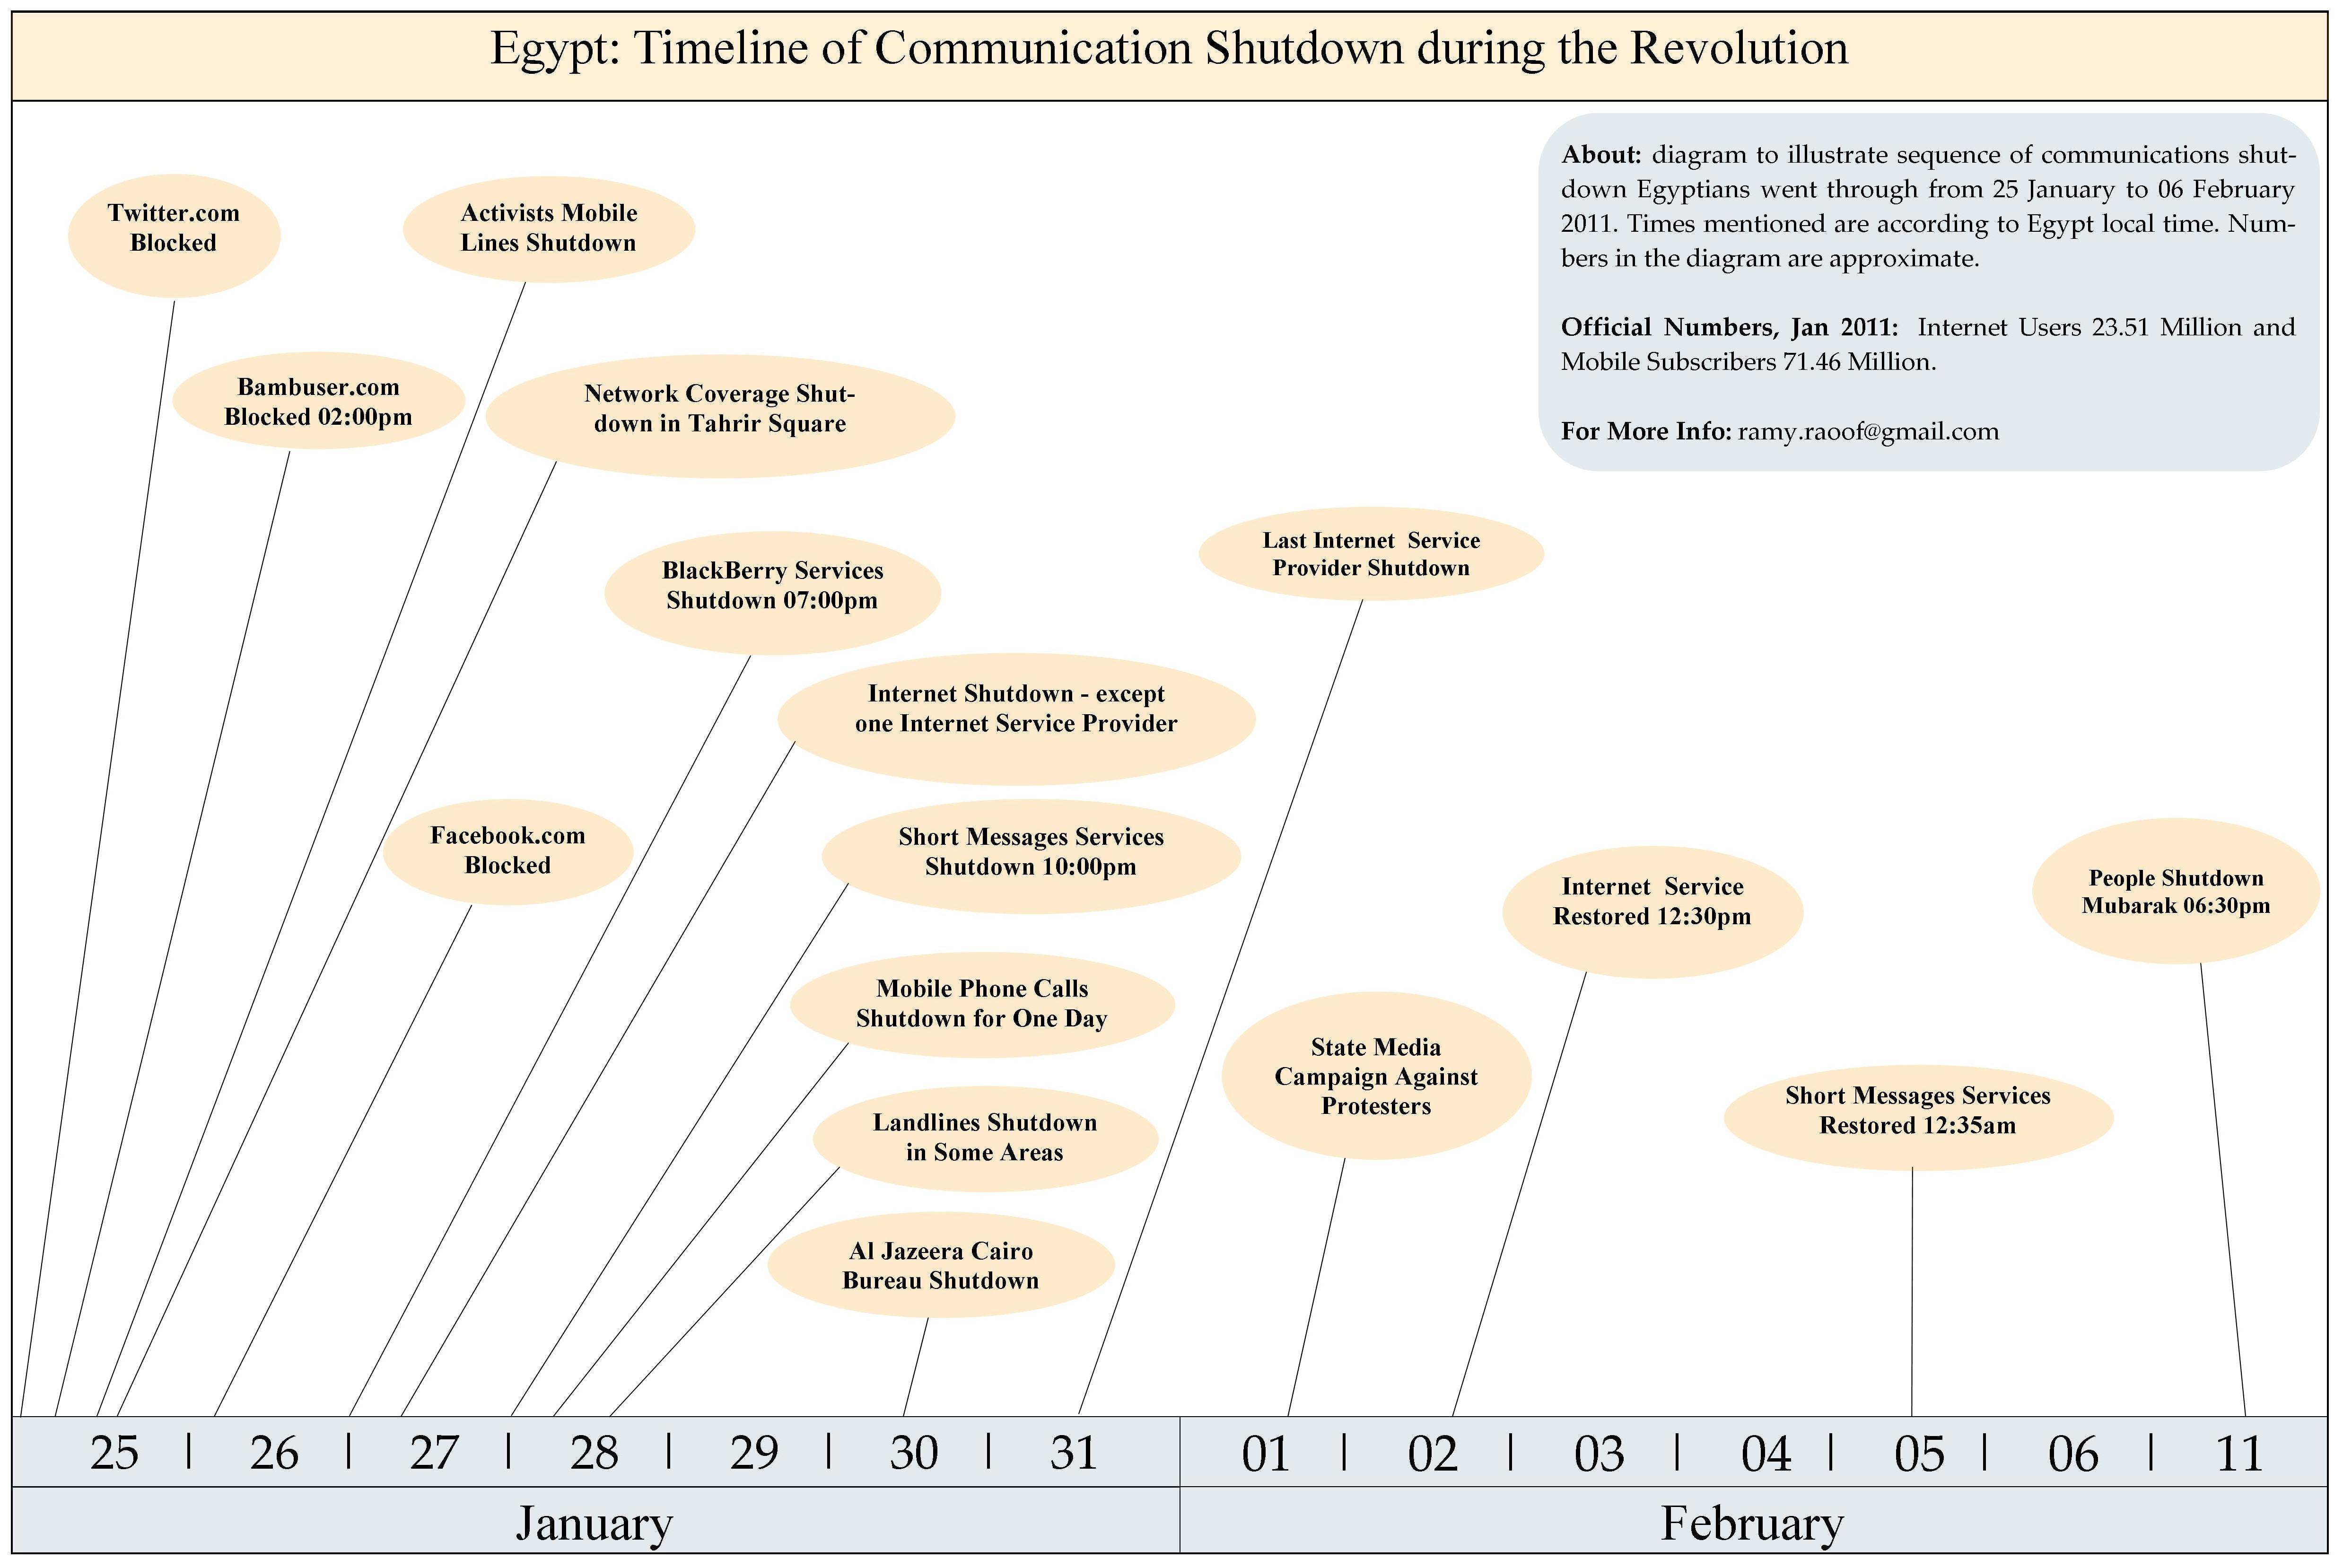 Egypt: Timeline of Communication Shutdown during the Revolution ...